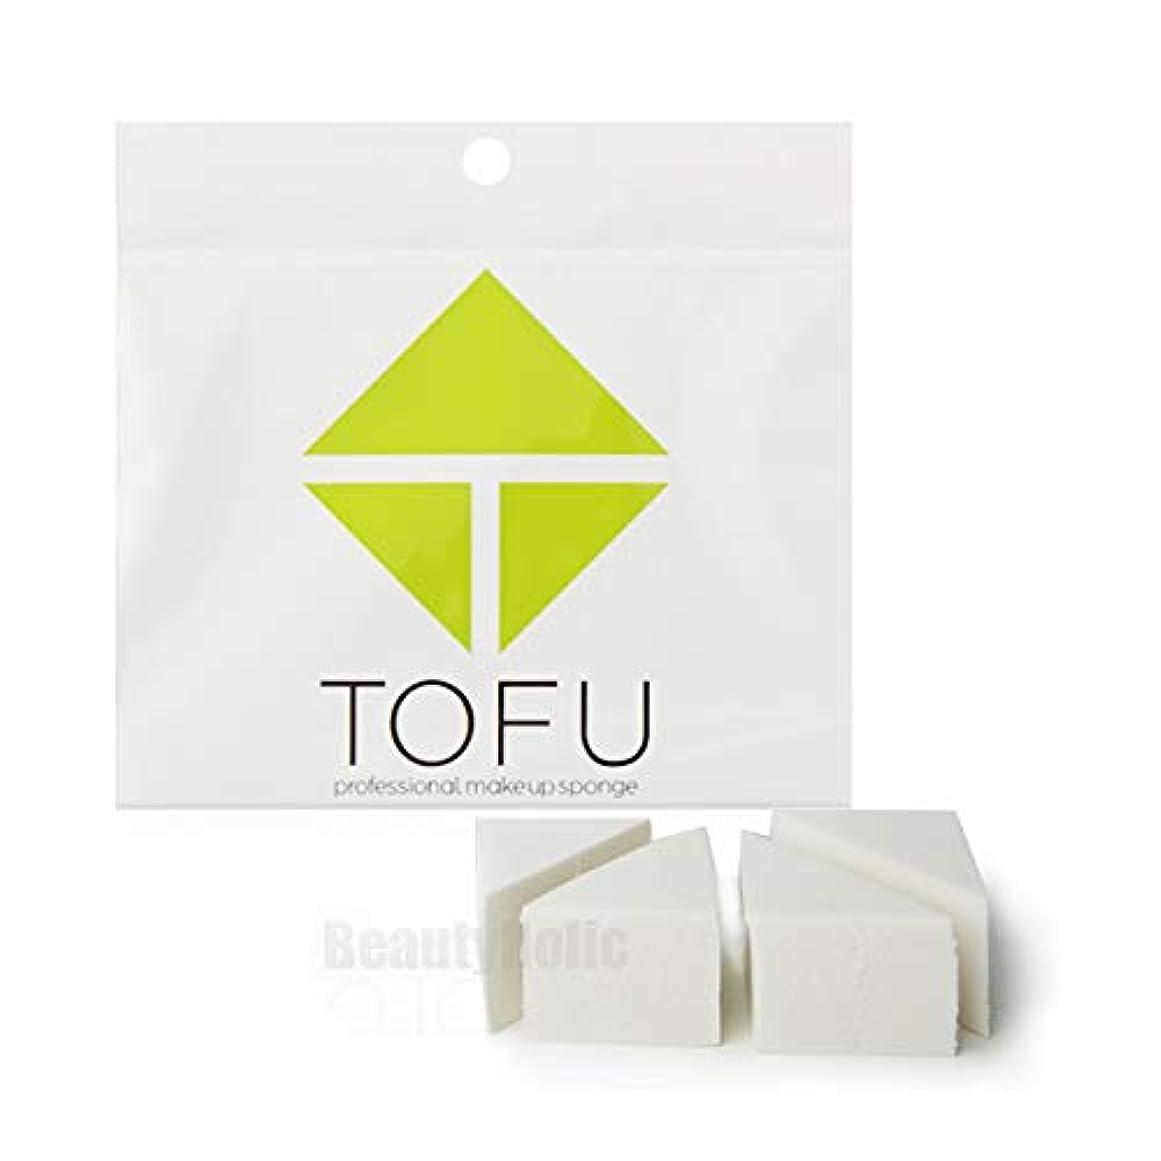 TOFUプロフェッショナル メイクアップスポンジ Re: